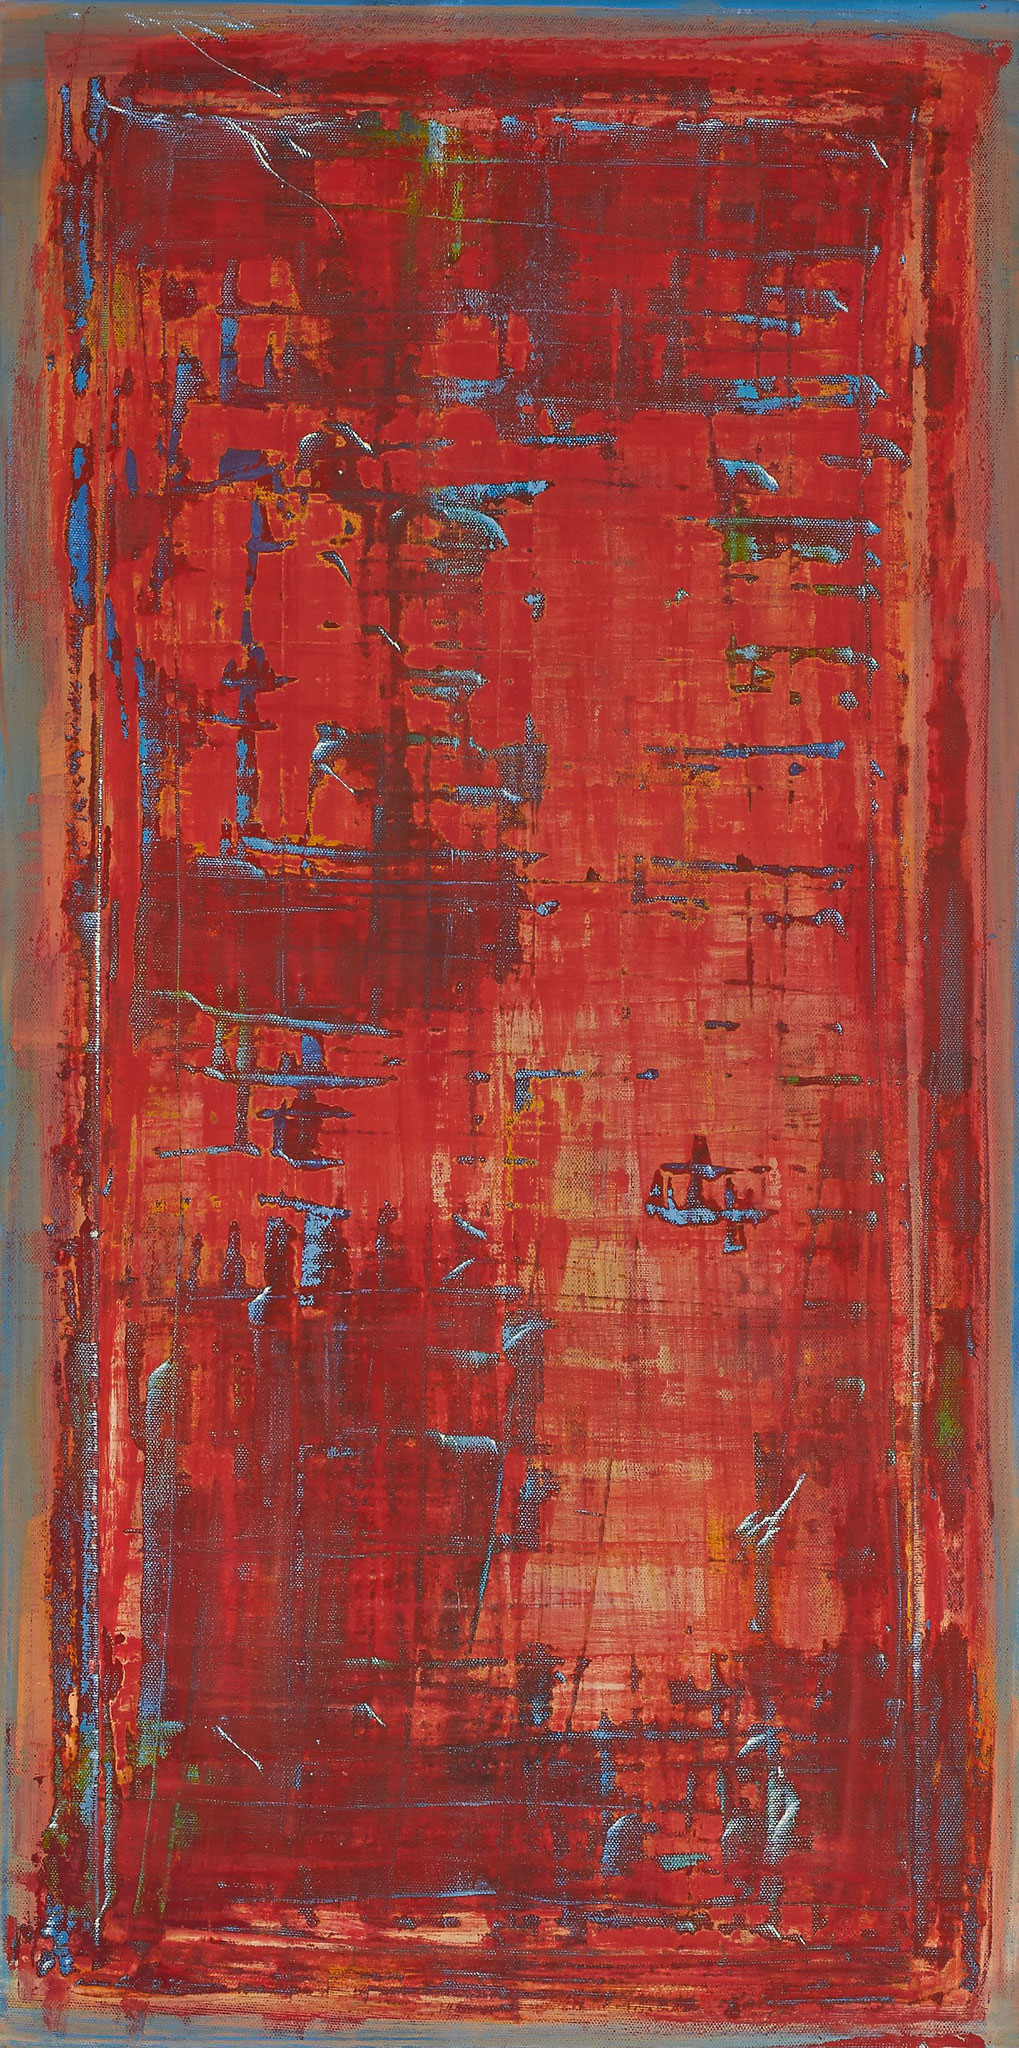 No. 06 - Mischtechnik Acryl auf Leinwand 40x80 cm (2009)